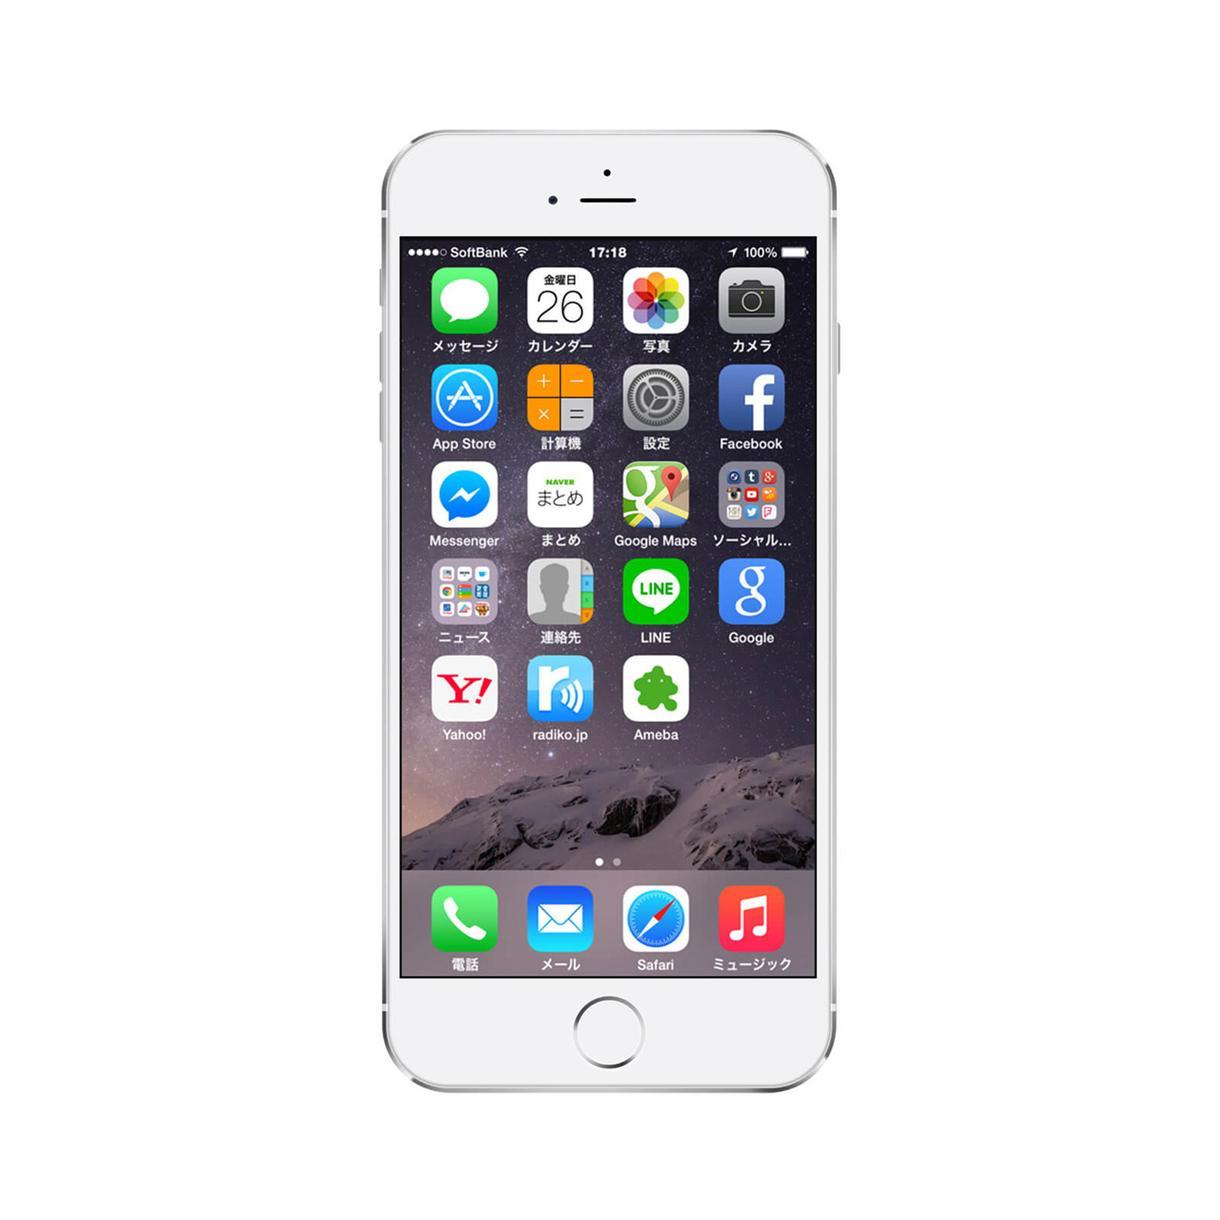 アメブロスマートフォン対策メニュー作成します アメブロの記事下メニュー(スマホ対策します。)